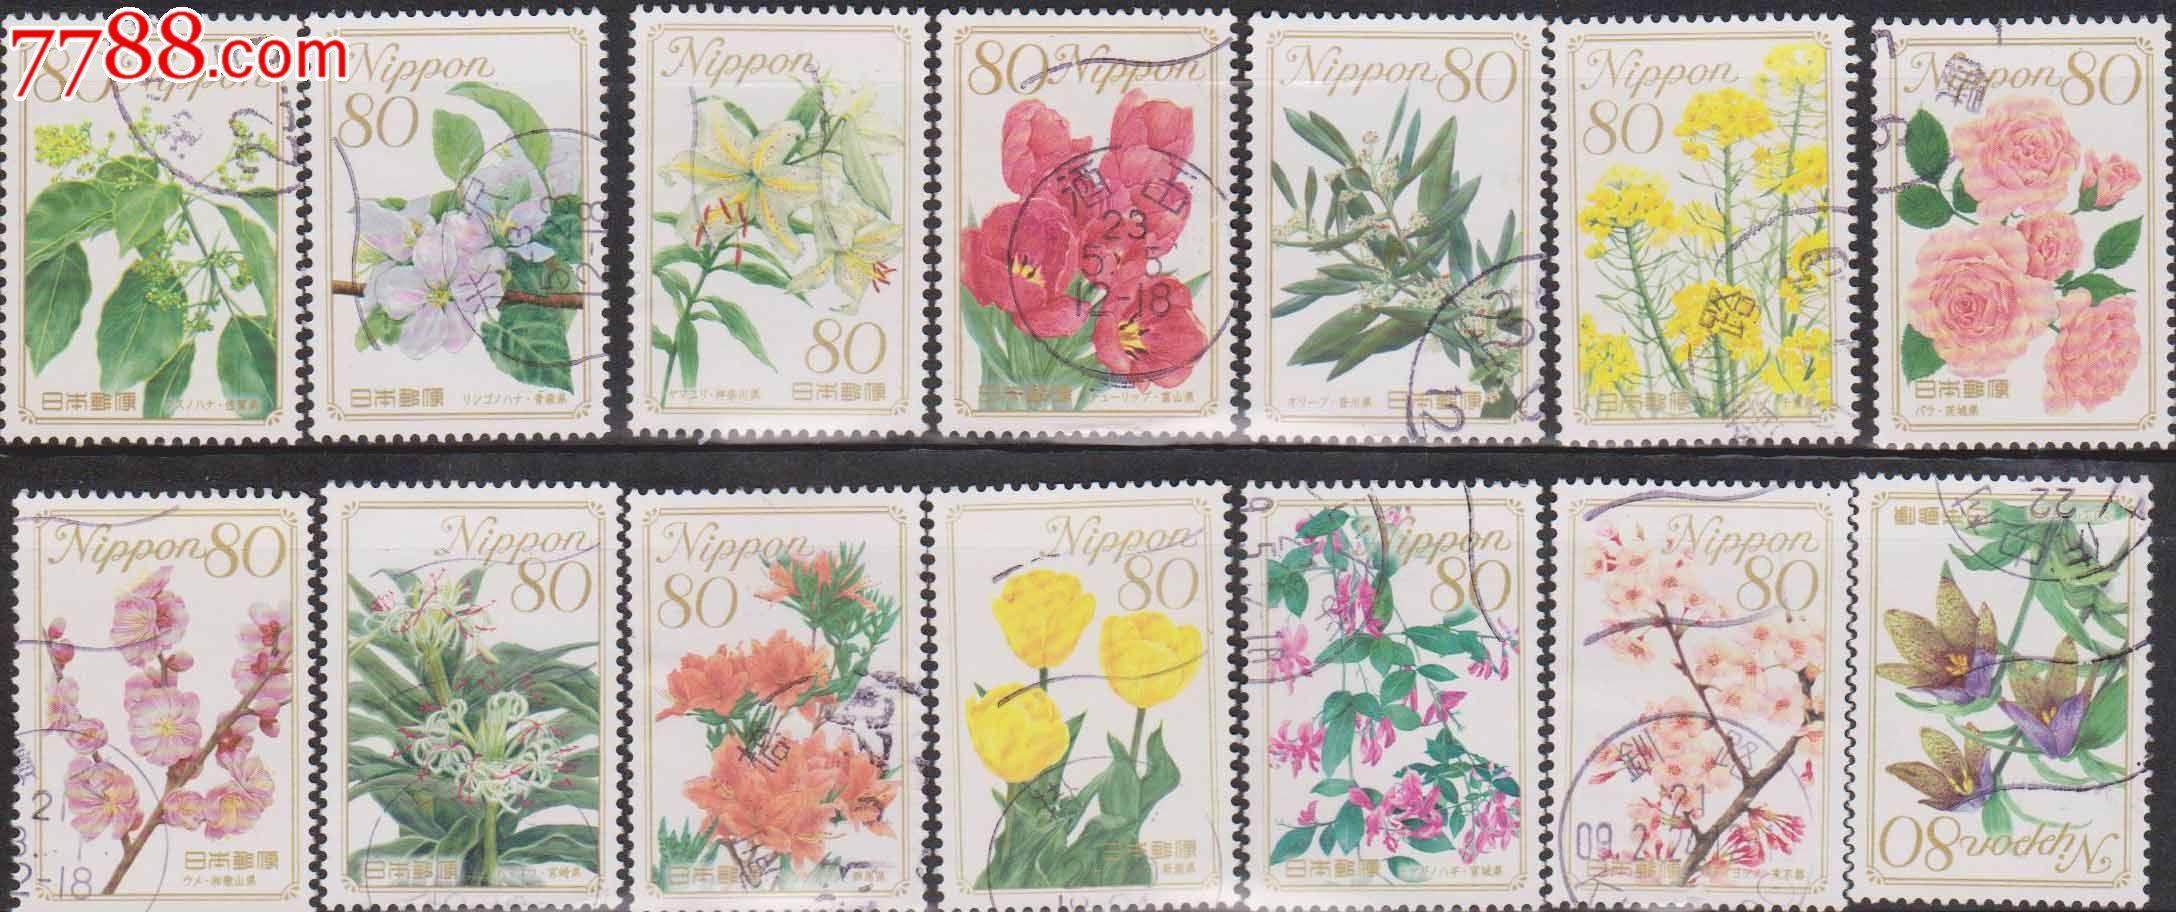 日本信销邮票日本乡土邮票47都道府花卉47全